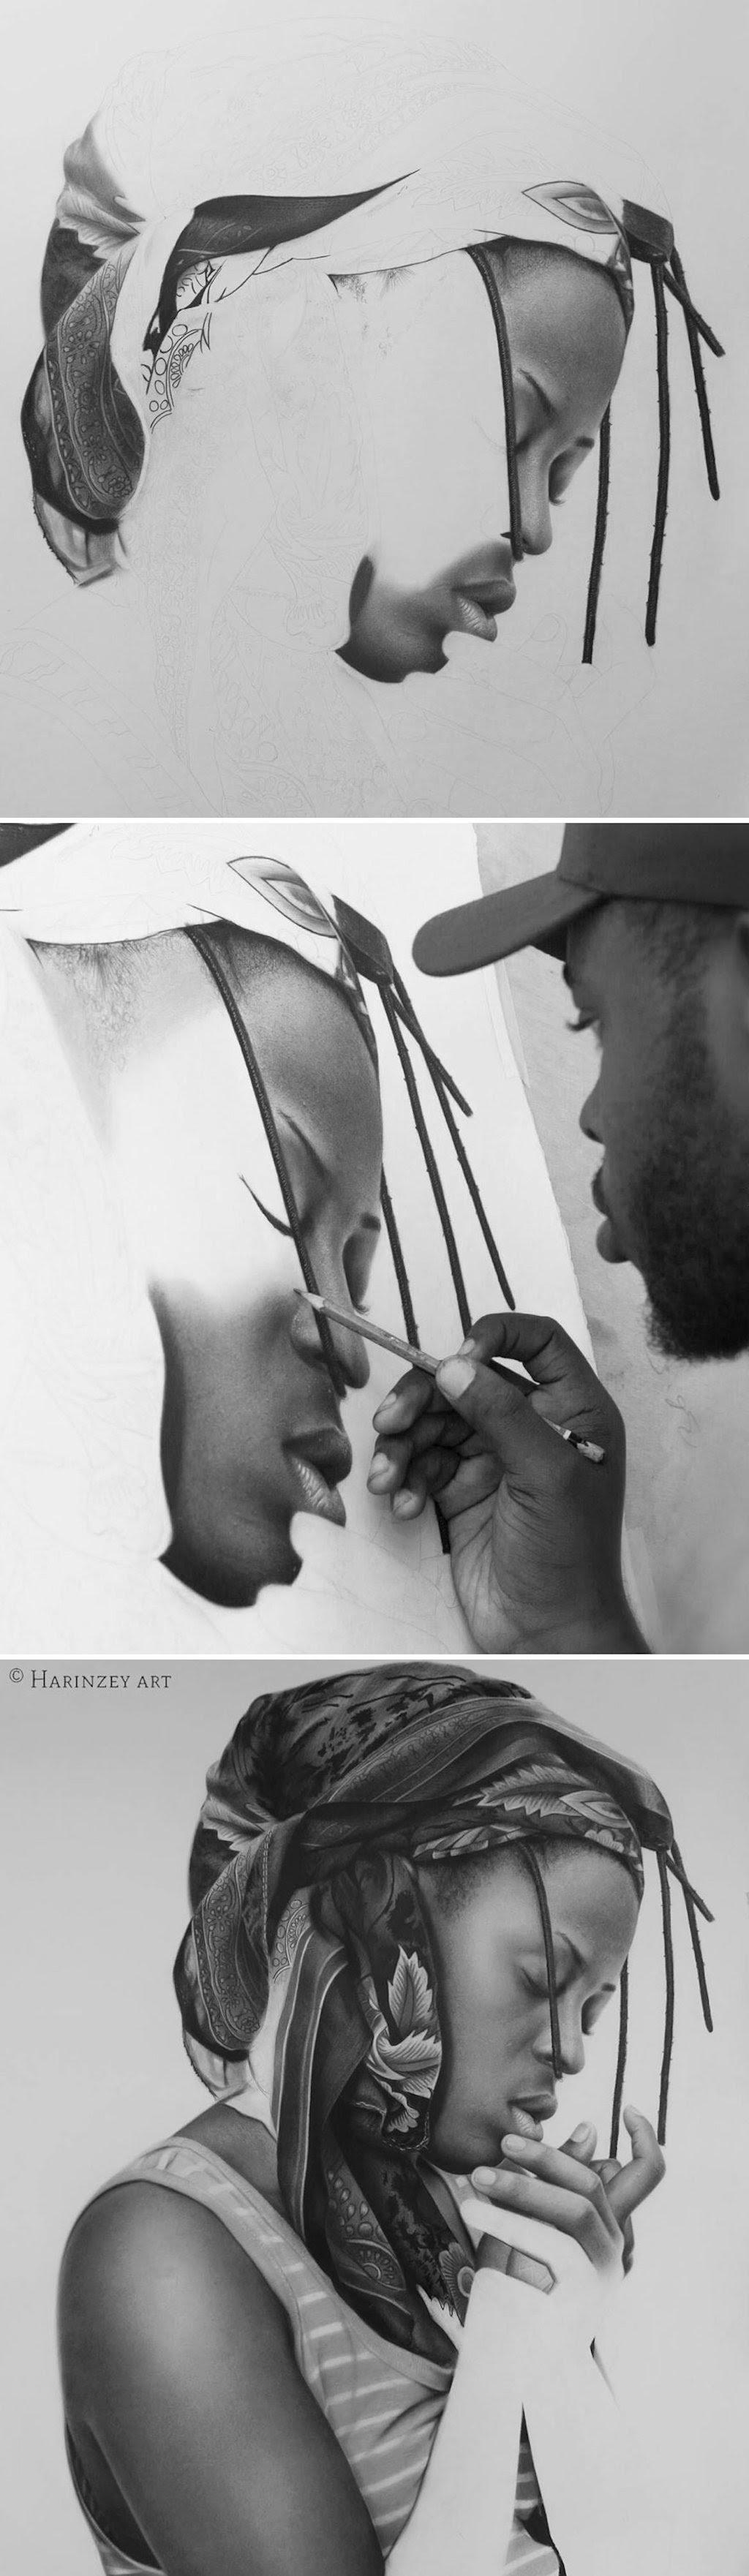 Retratos hiperrealistas de grande porte renderizados com grafite e carvão 08